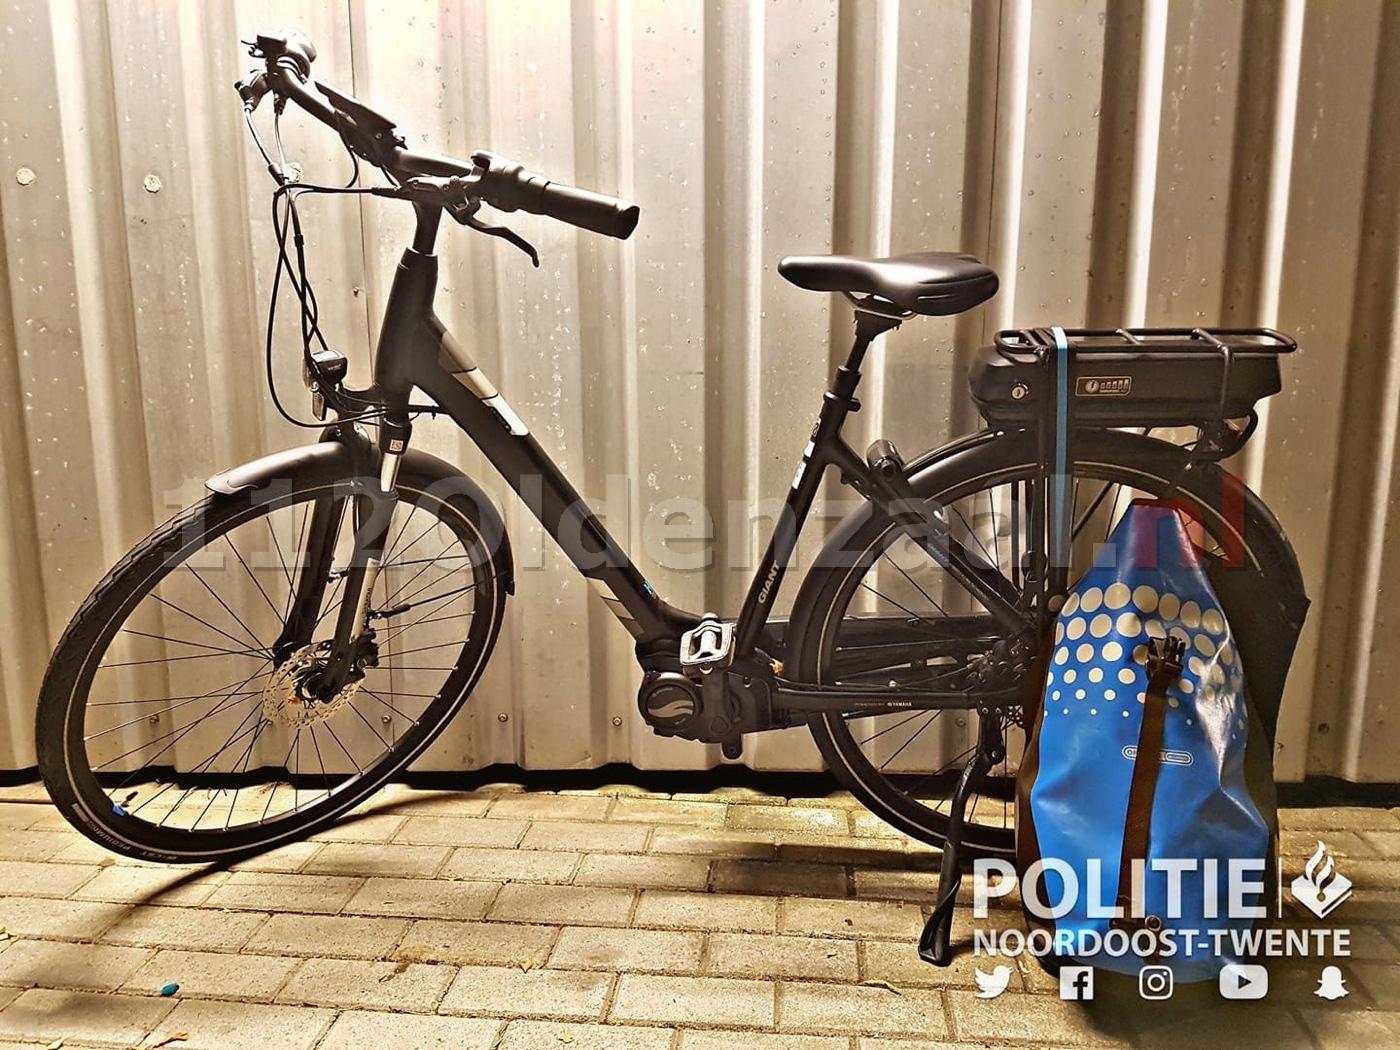 Politie zoekt eigenaar van fiets naar aanleiding van verdachte situatie in Oldenzaal